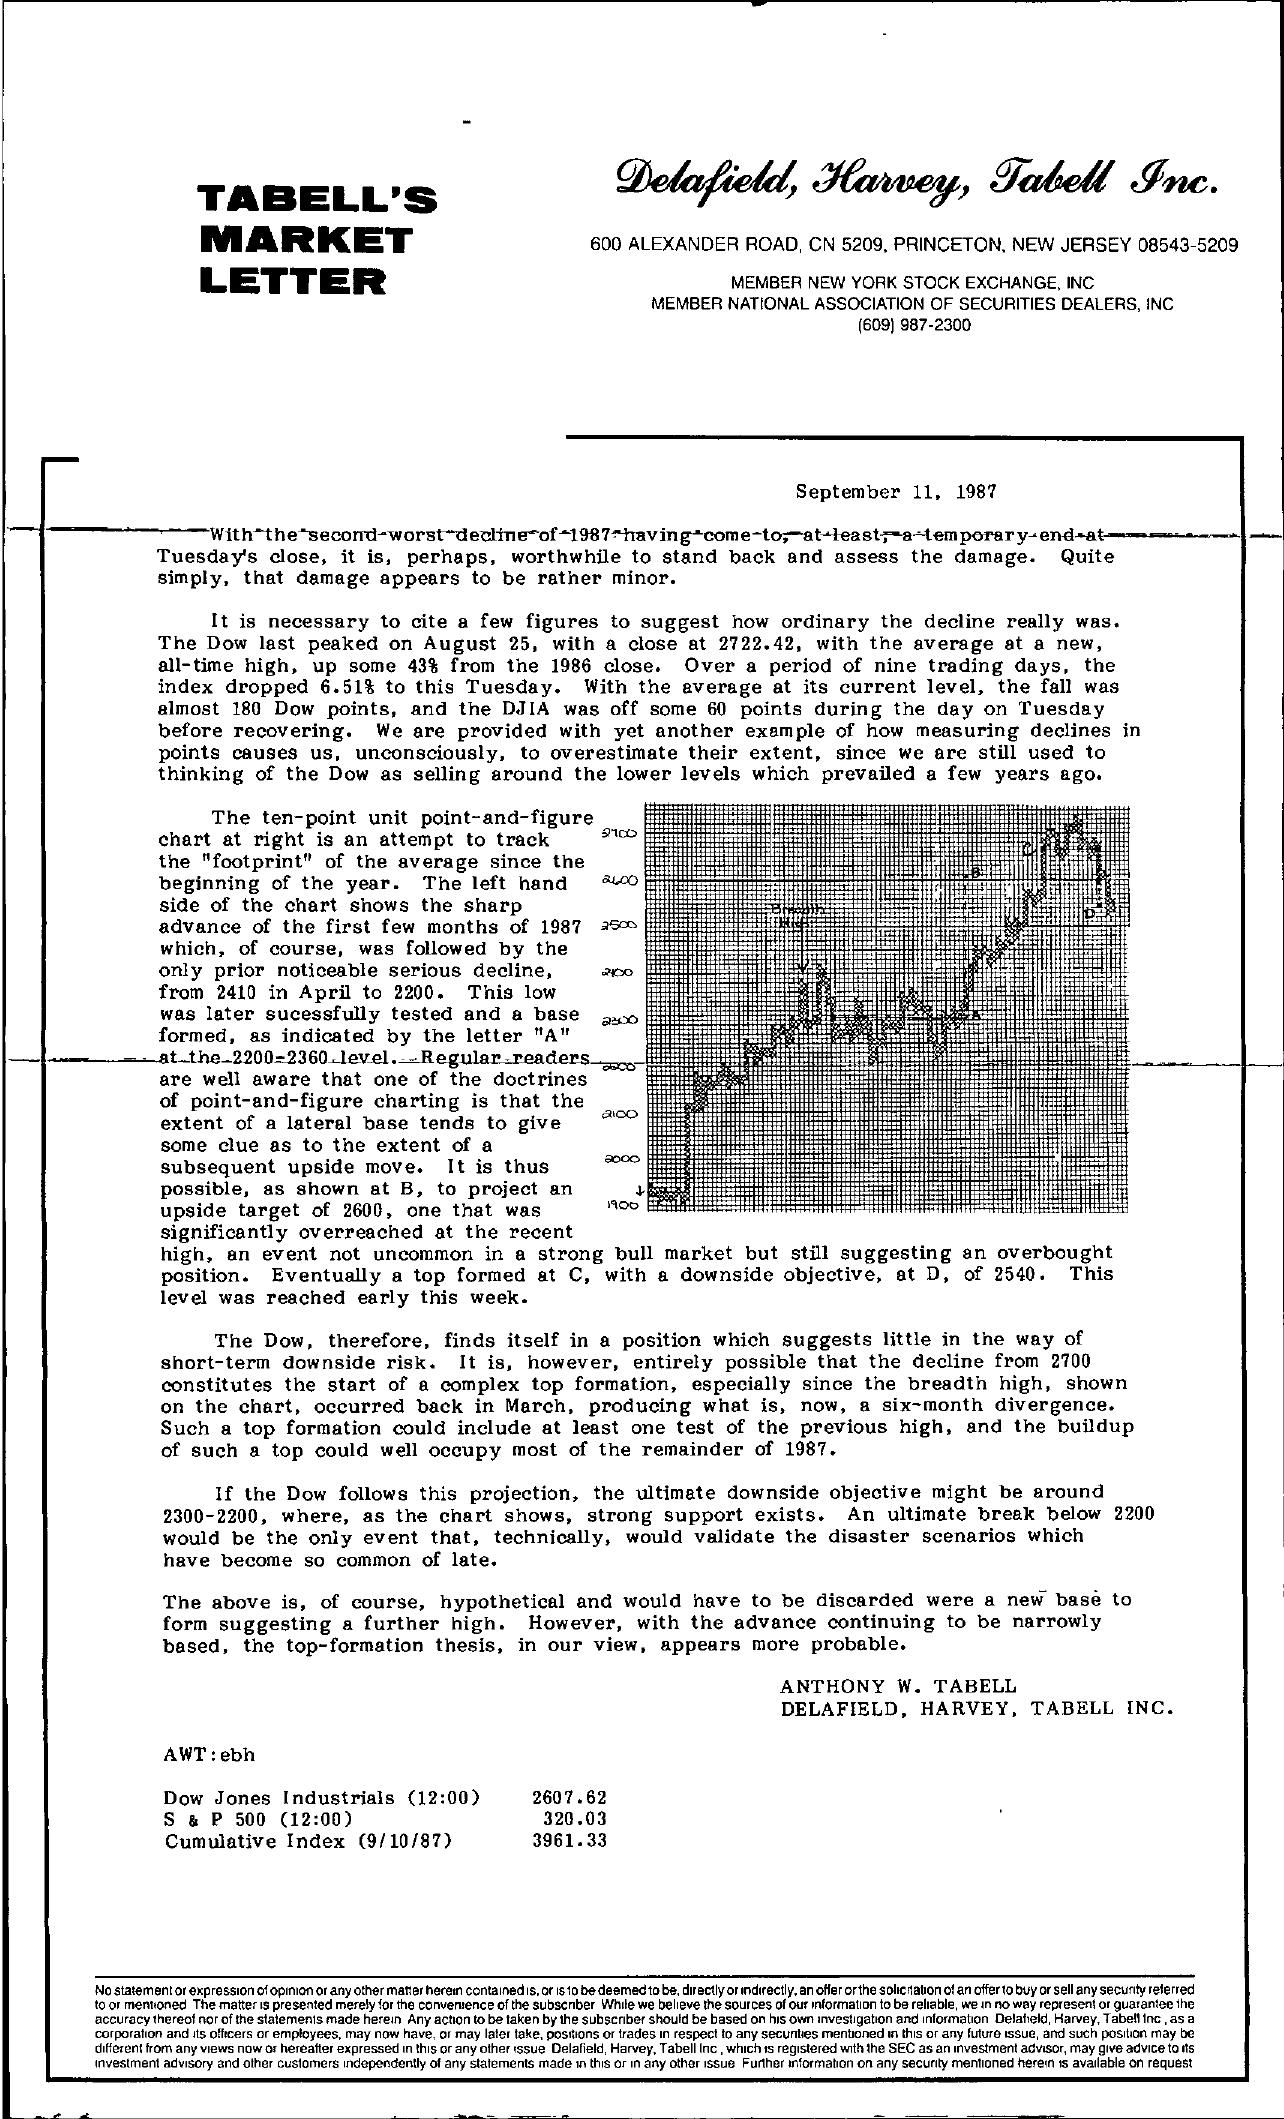 Tabell's Market Letter - September 11, 1987